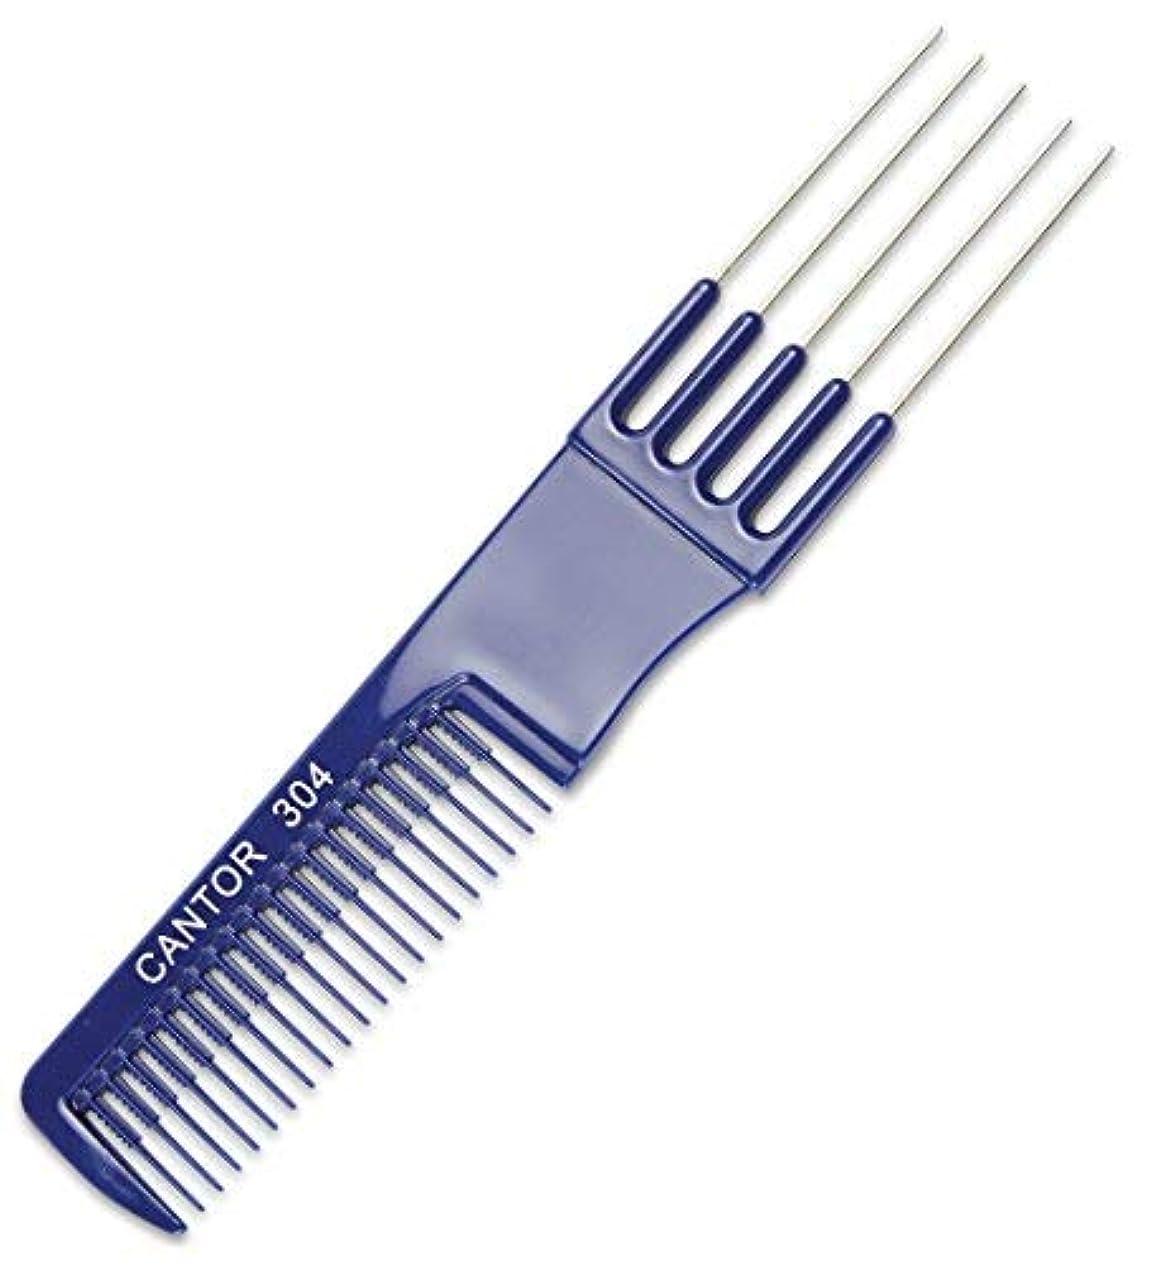 器用出会い接尾辞Teasing Comb With Metal Lifts - 6  Plastic Teaser Rake and Stainless Steel Lifting Prongs ? Heat and Chemical...